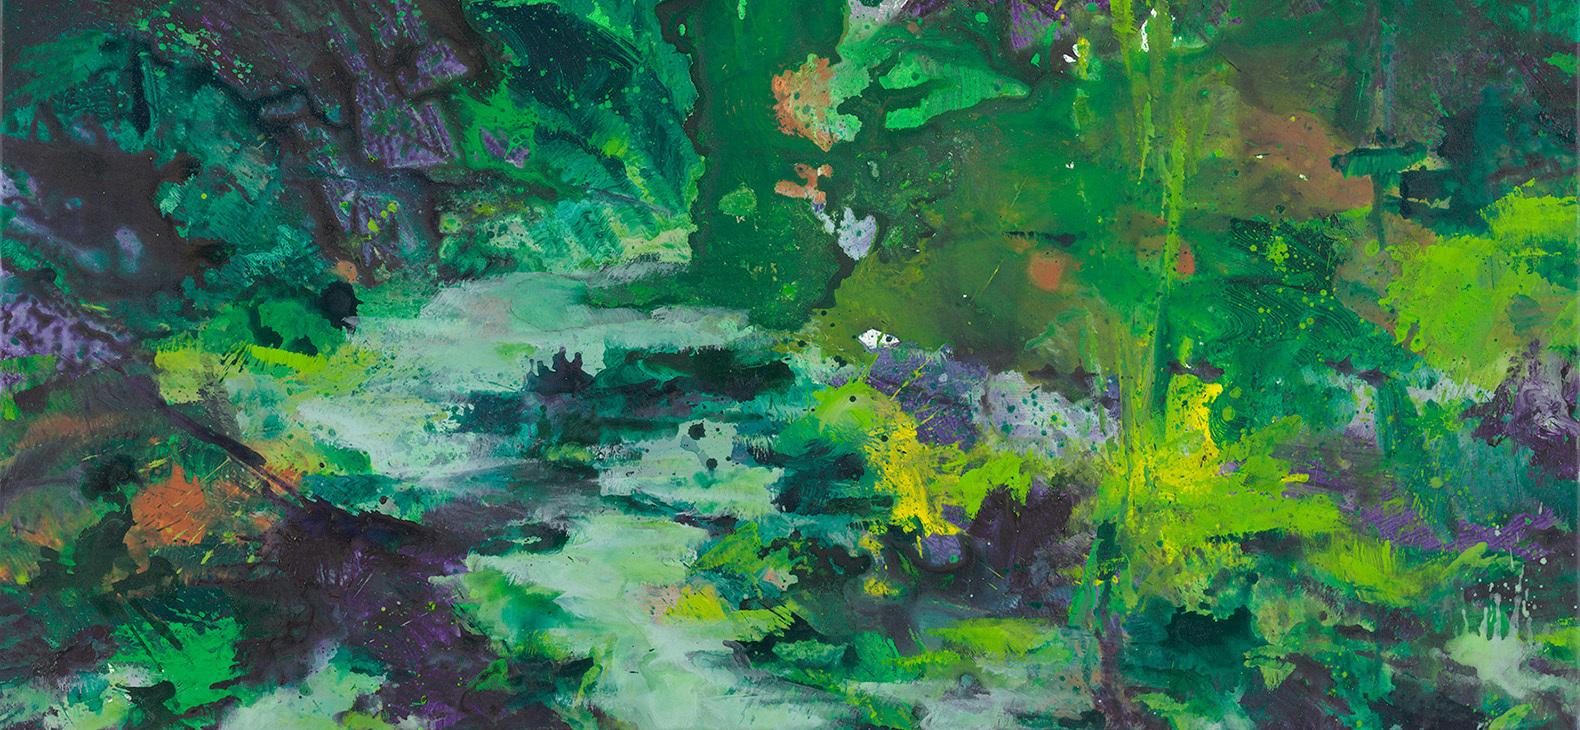 Ausschnitt aus einem Gemälde von Bernd Zimmer; eine Wasserlauf und dichter Pflanzenwuchs sind in abstrahierter Darstellung zu sehen; es dominiert die Farbe grün